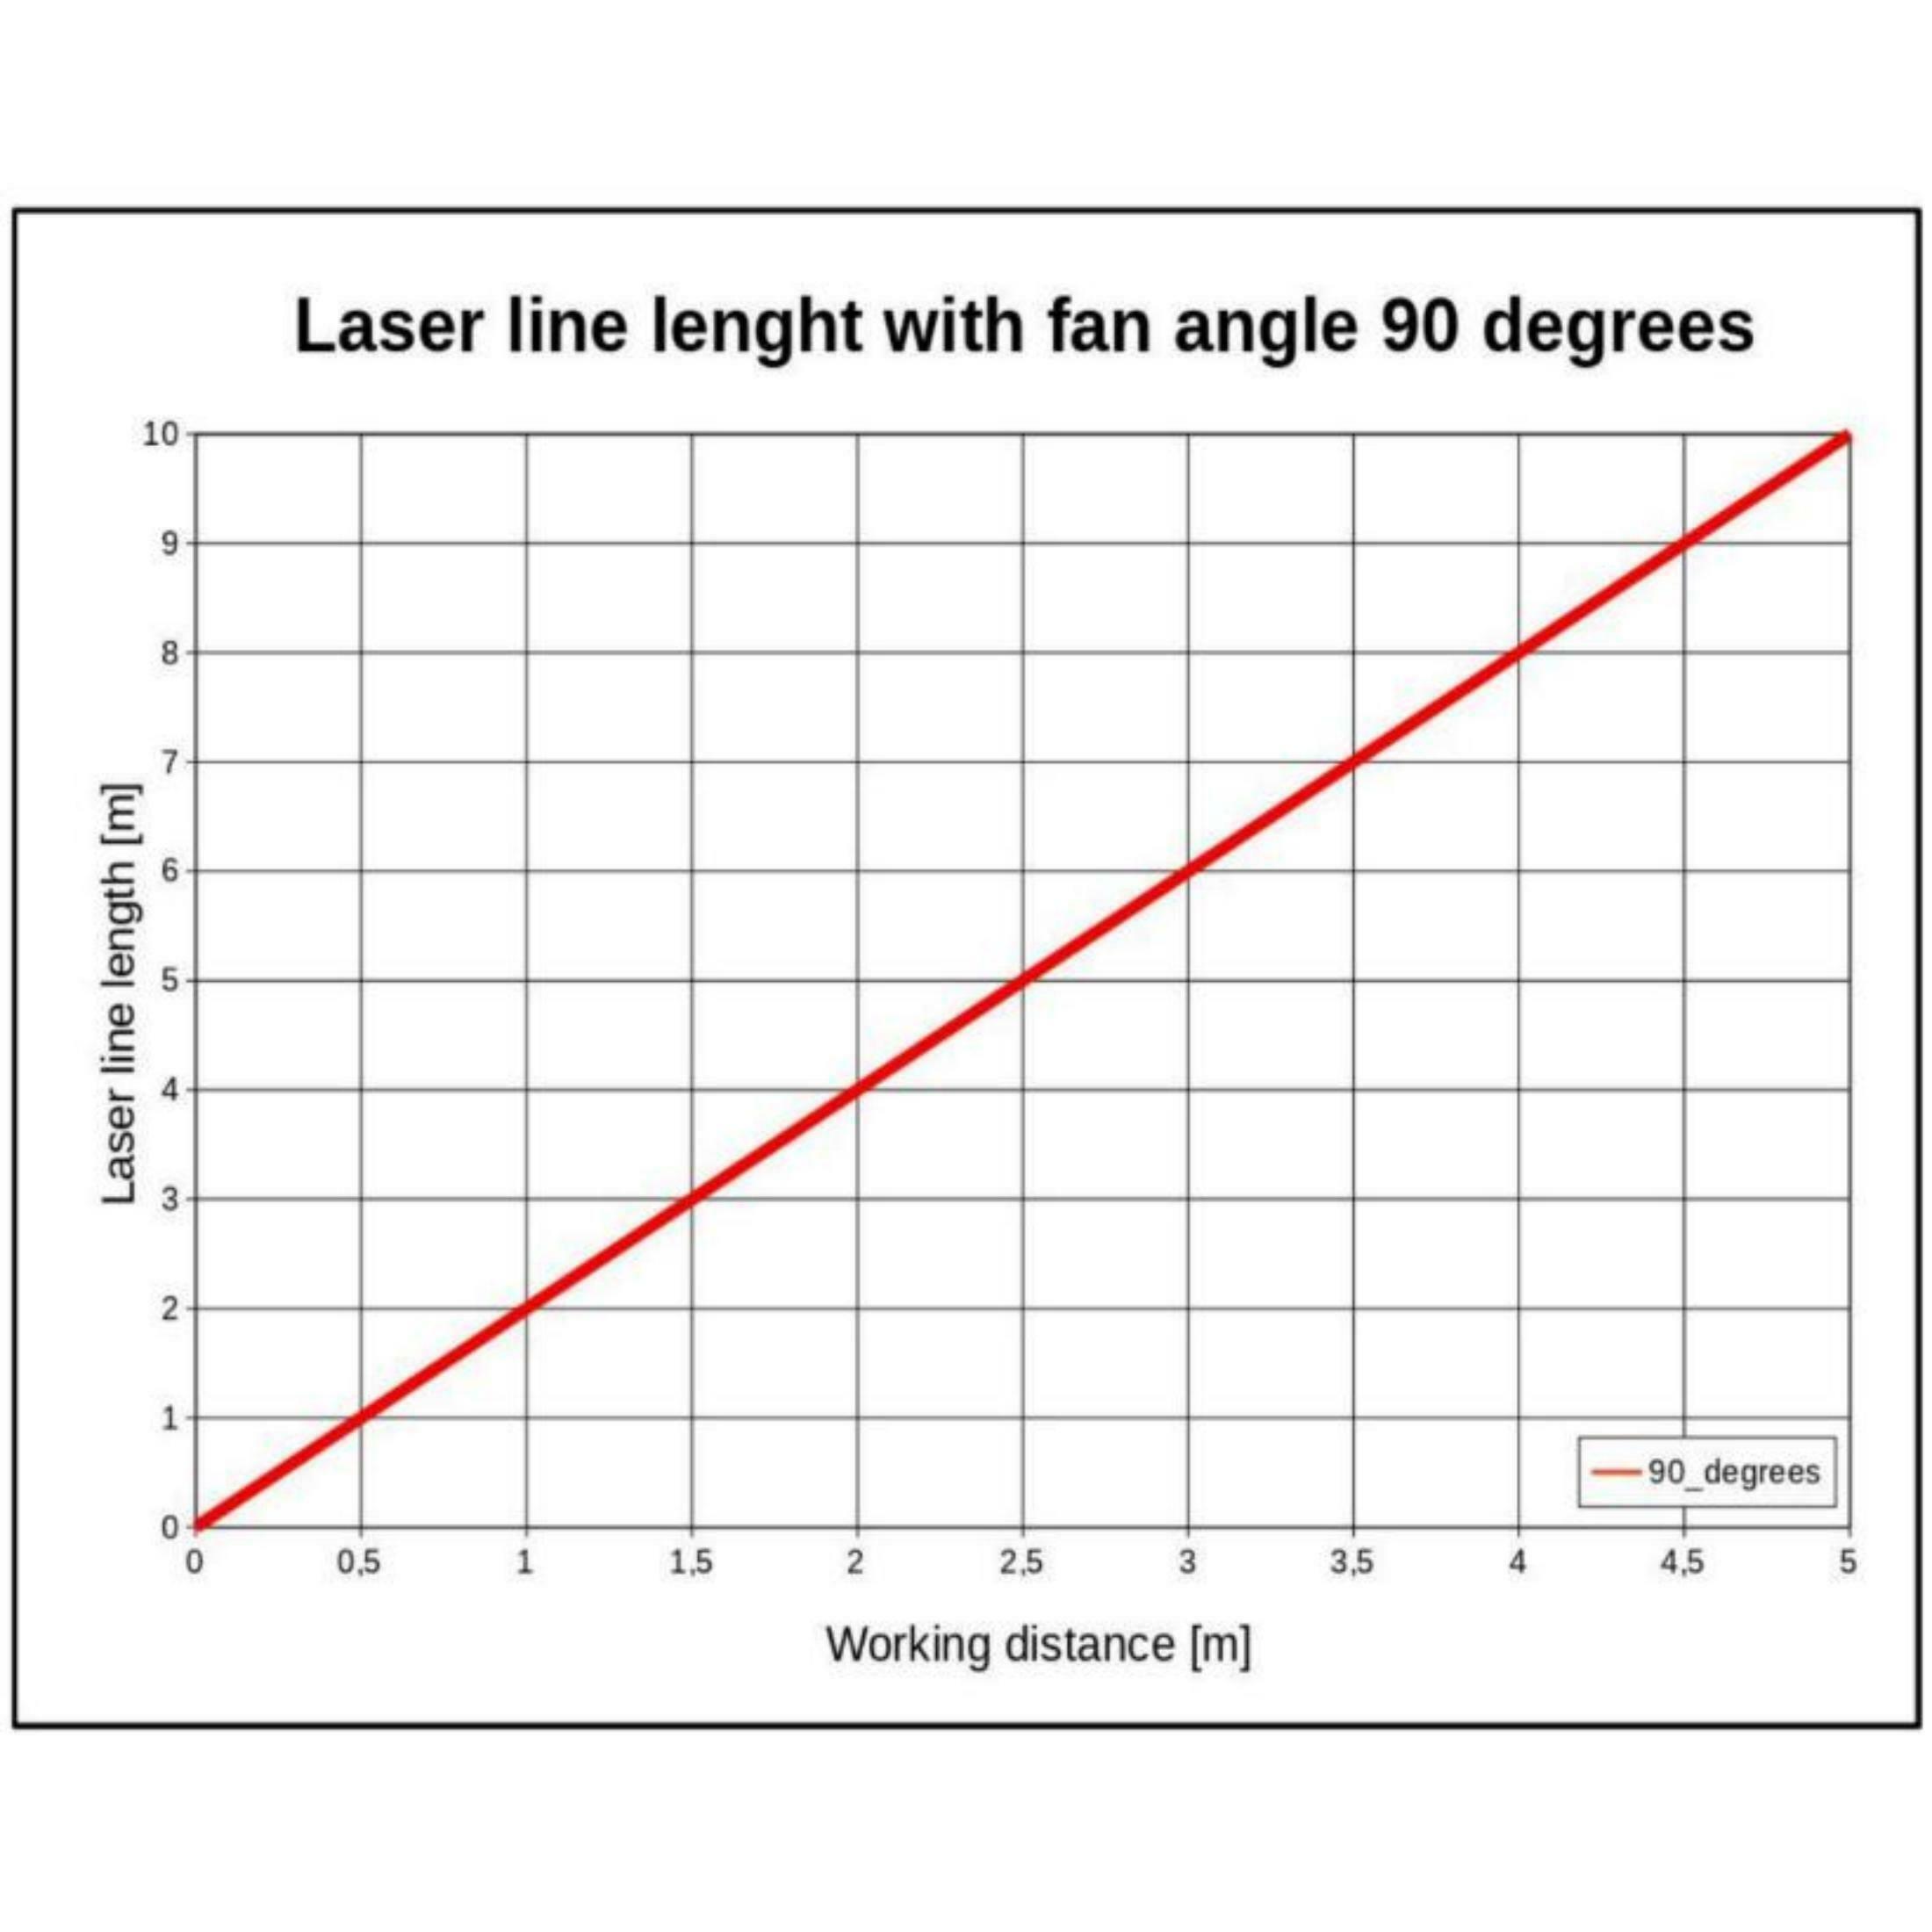 Laserfuchs Laser LFL635-5-6(9x20)90